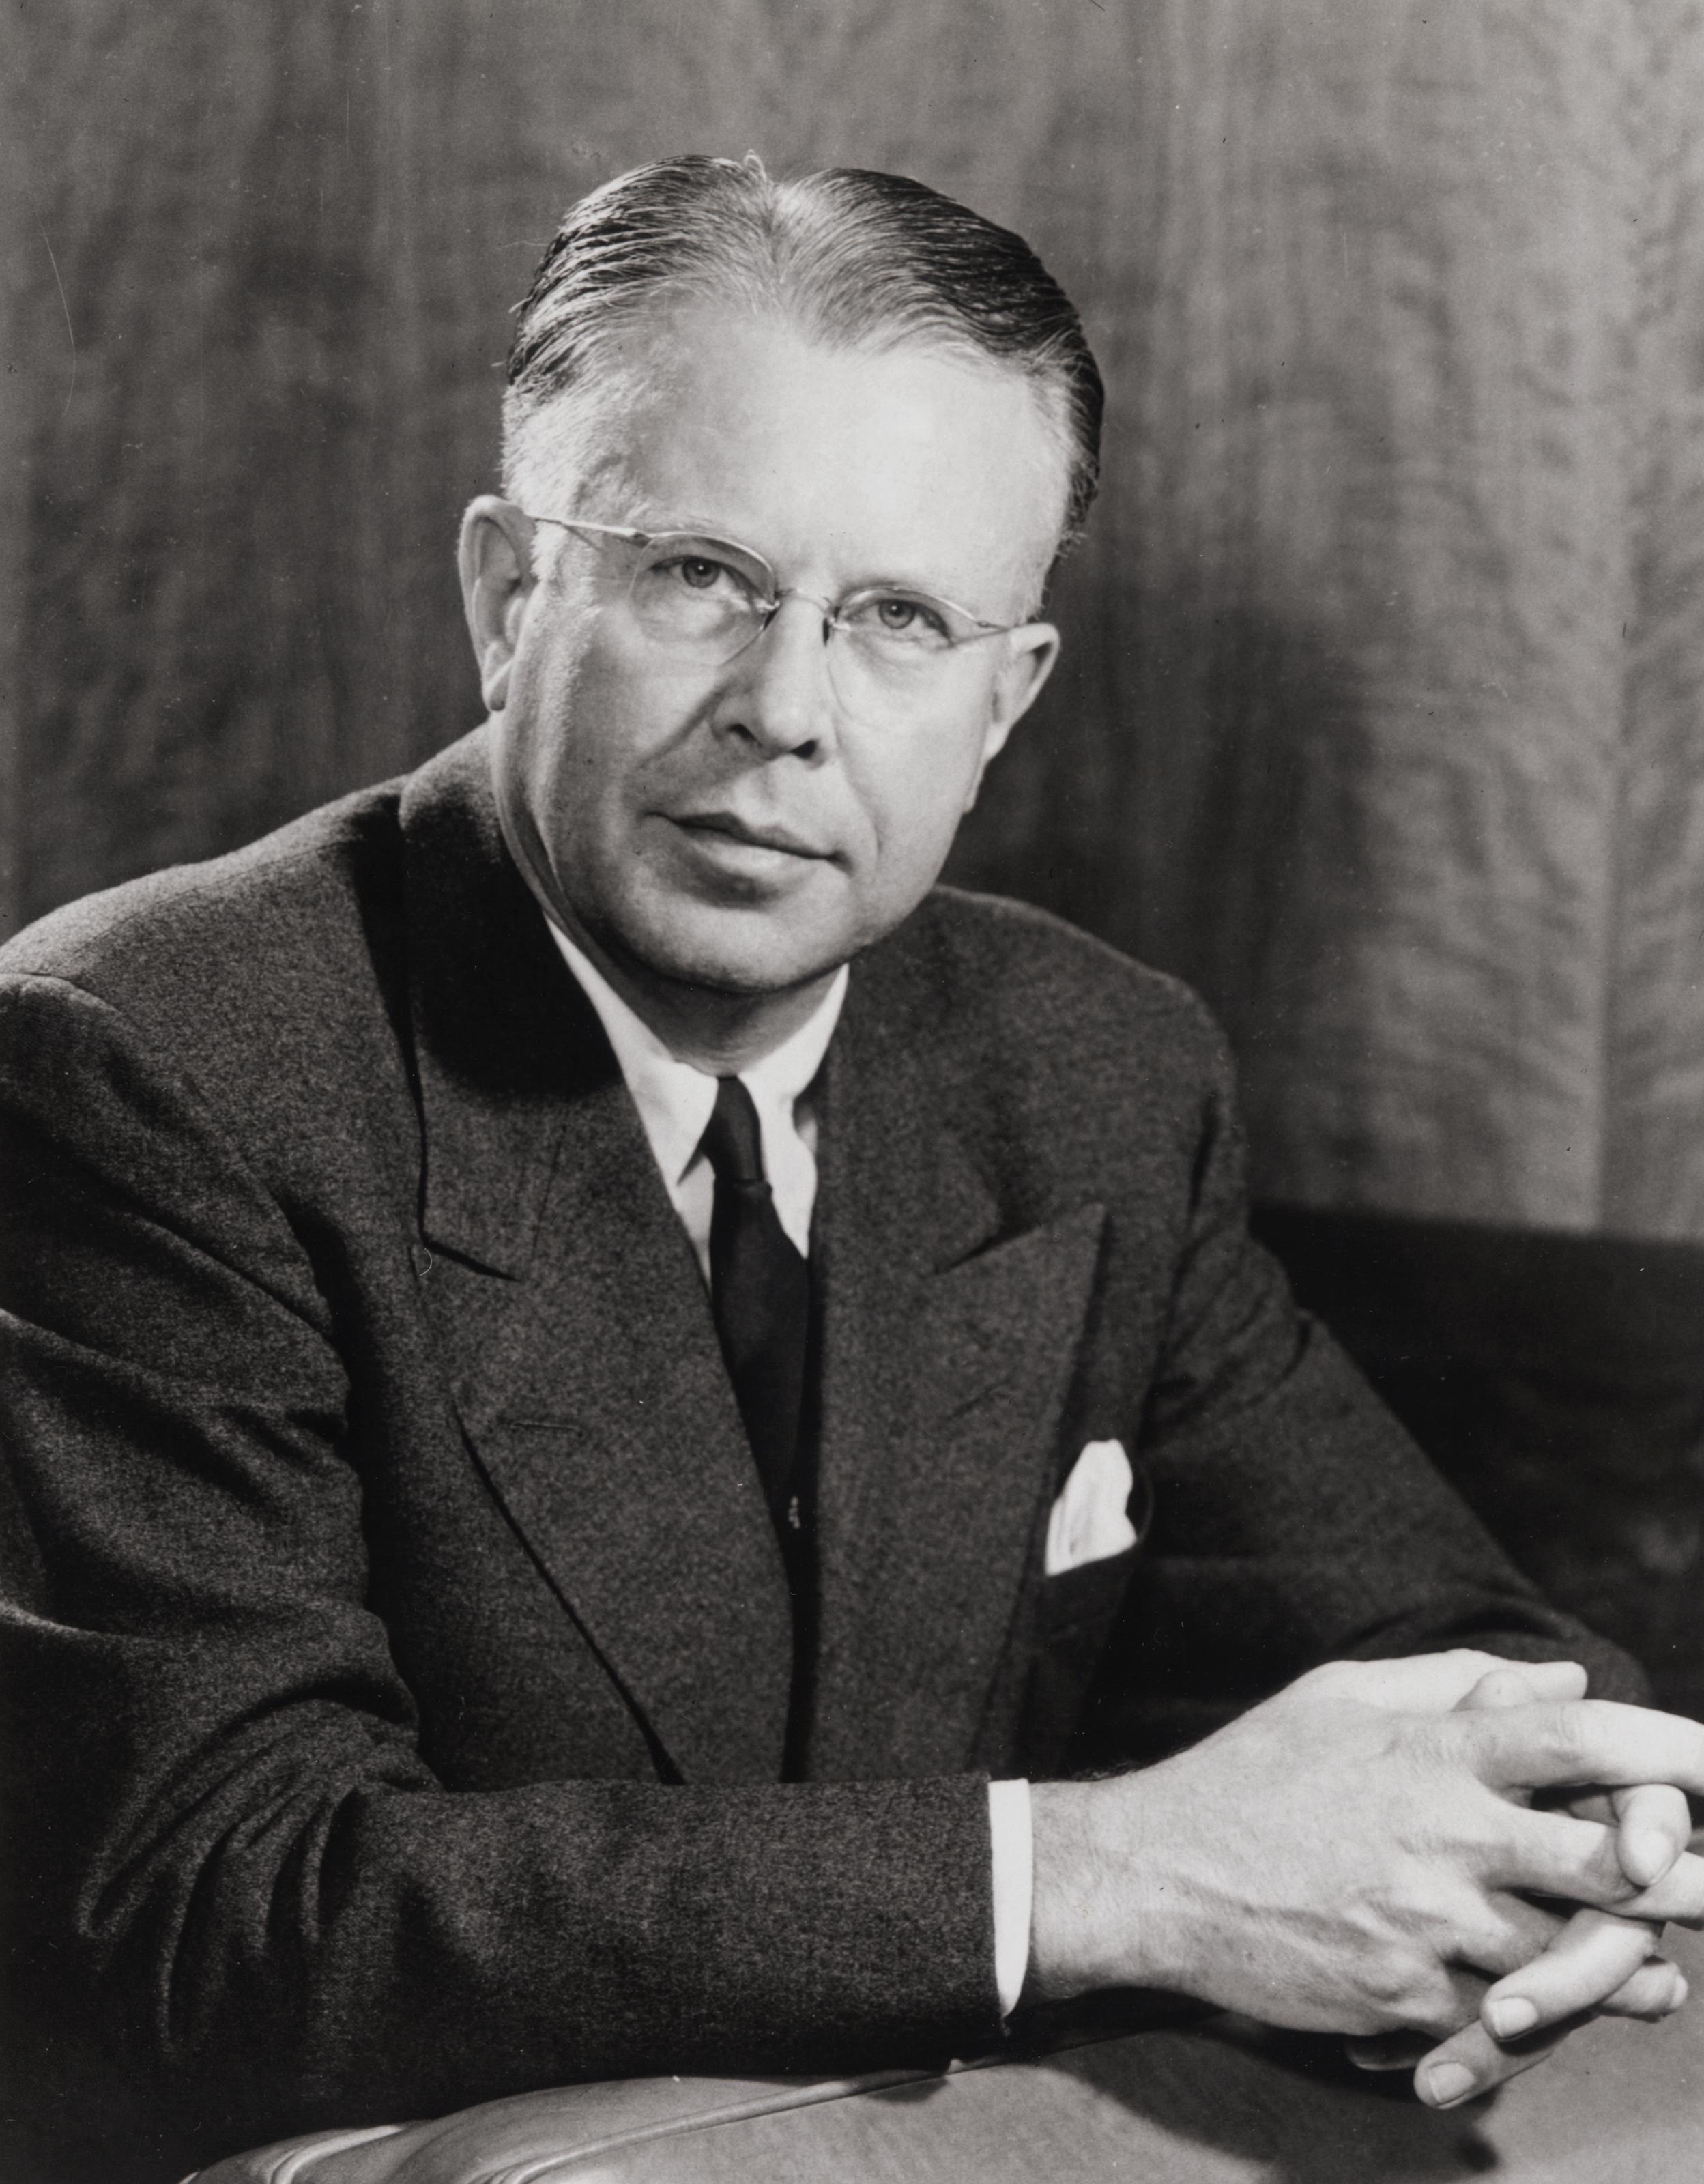 Depiction of Ernest Lawrence